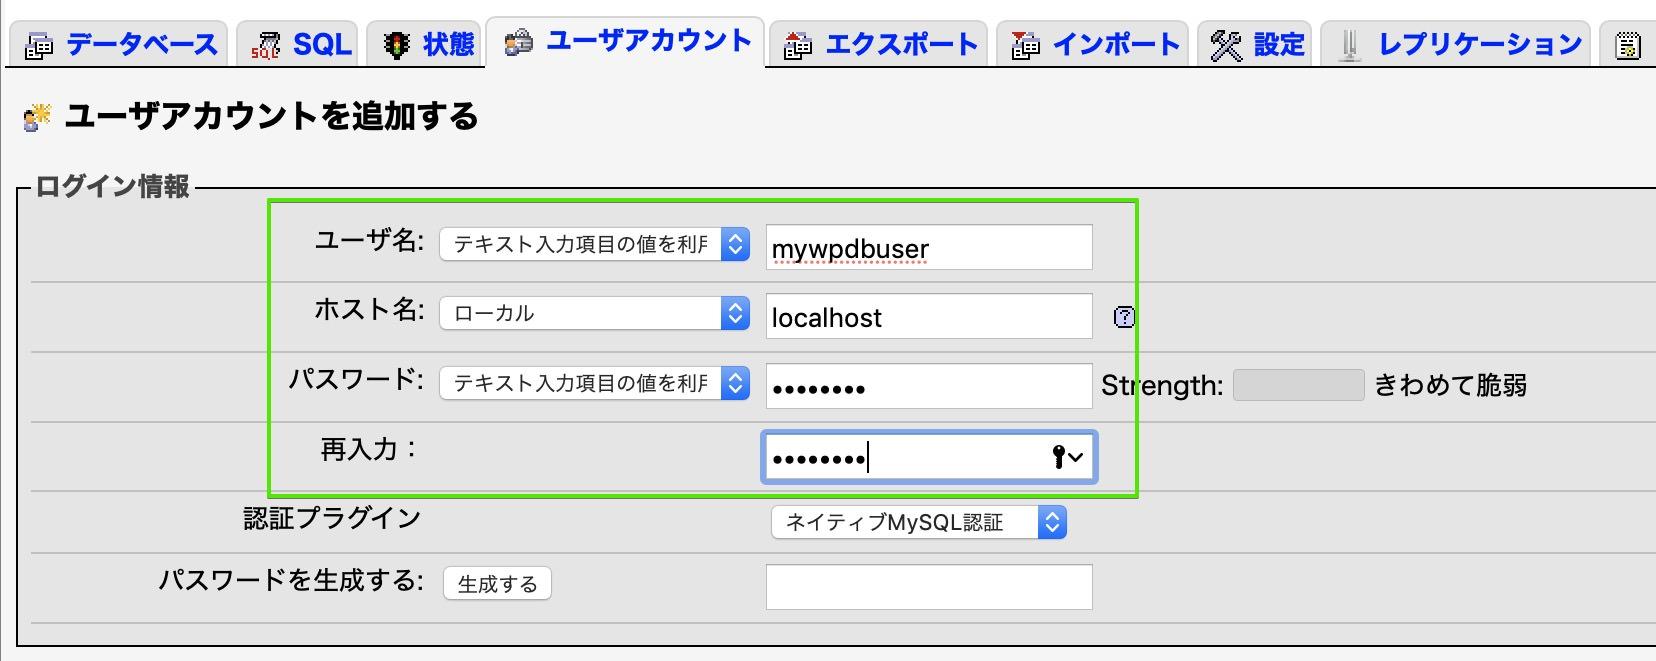 ユーザーアカウントのログイン情報を入力